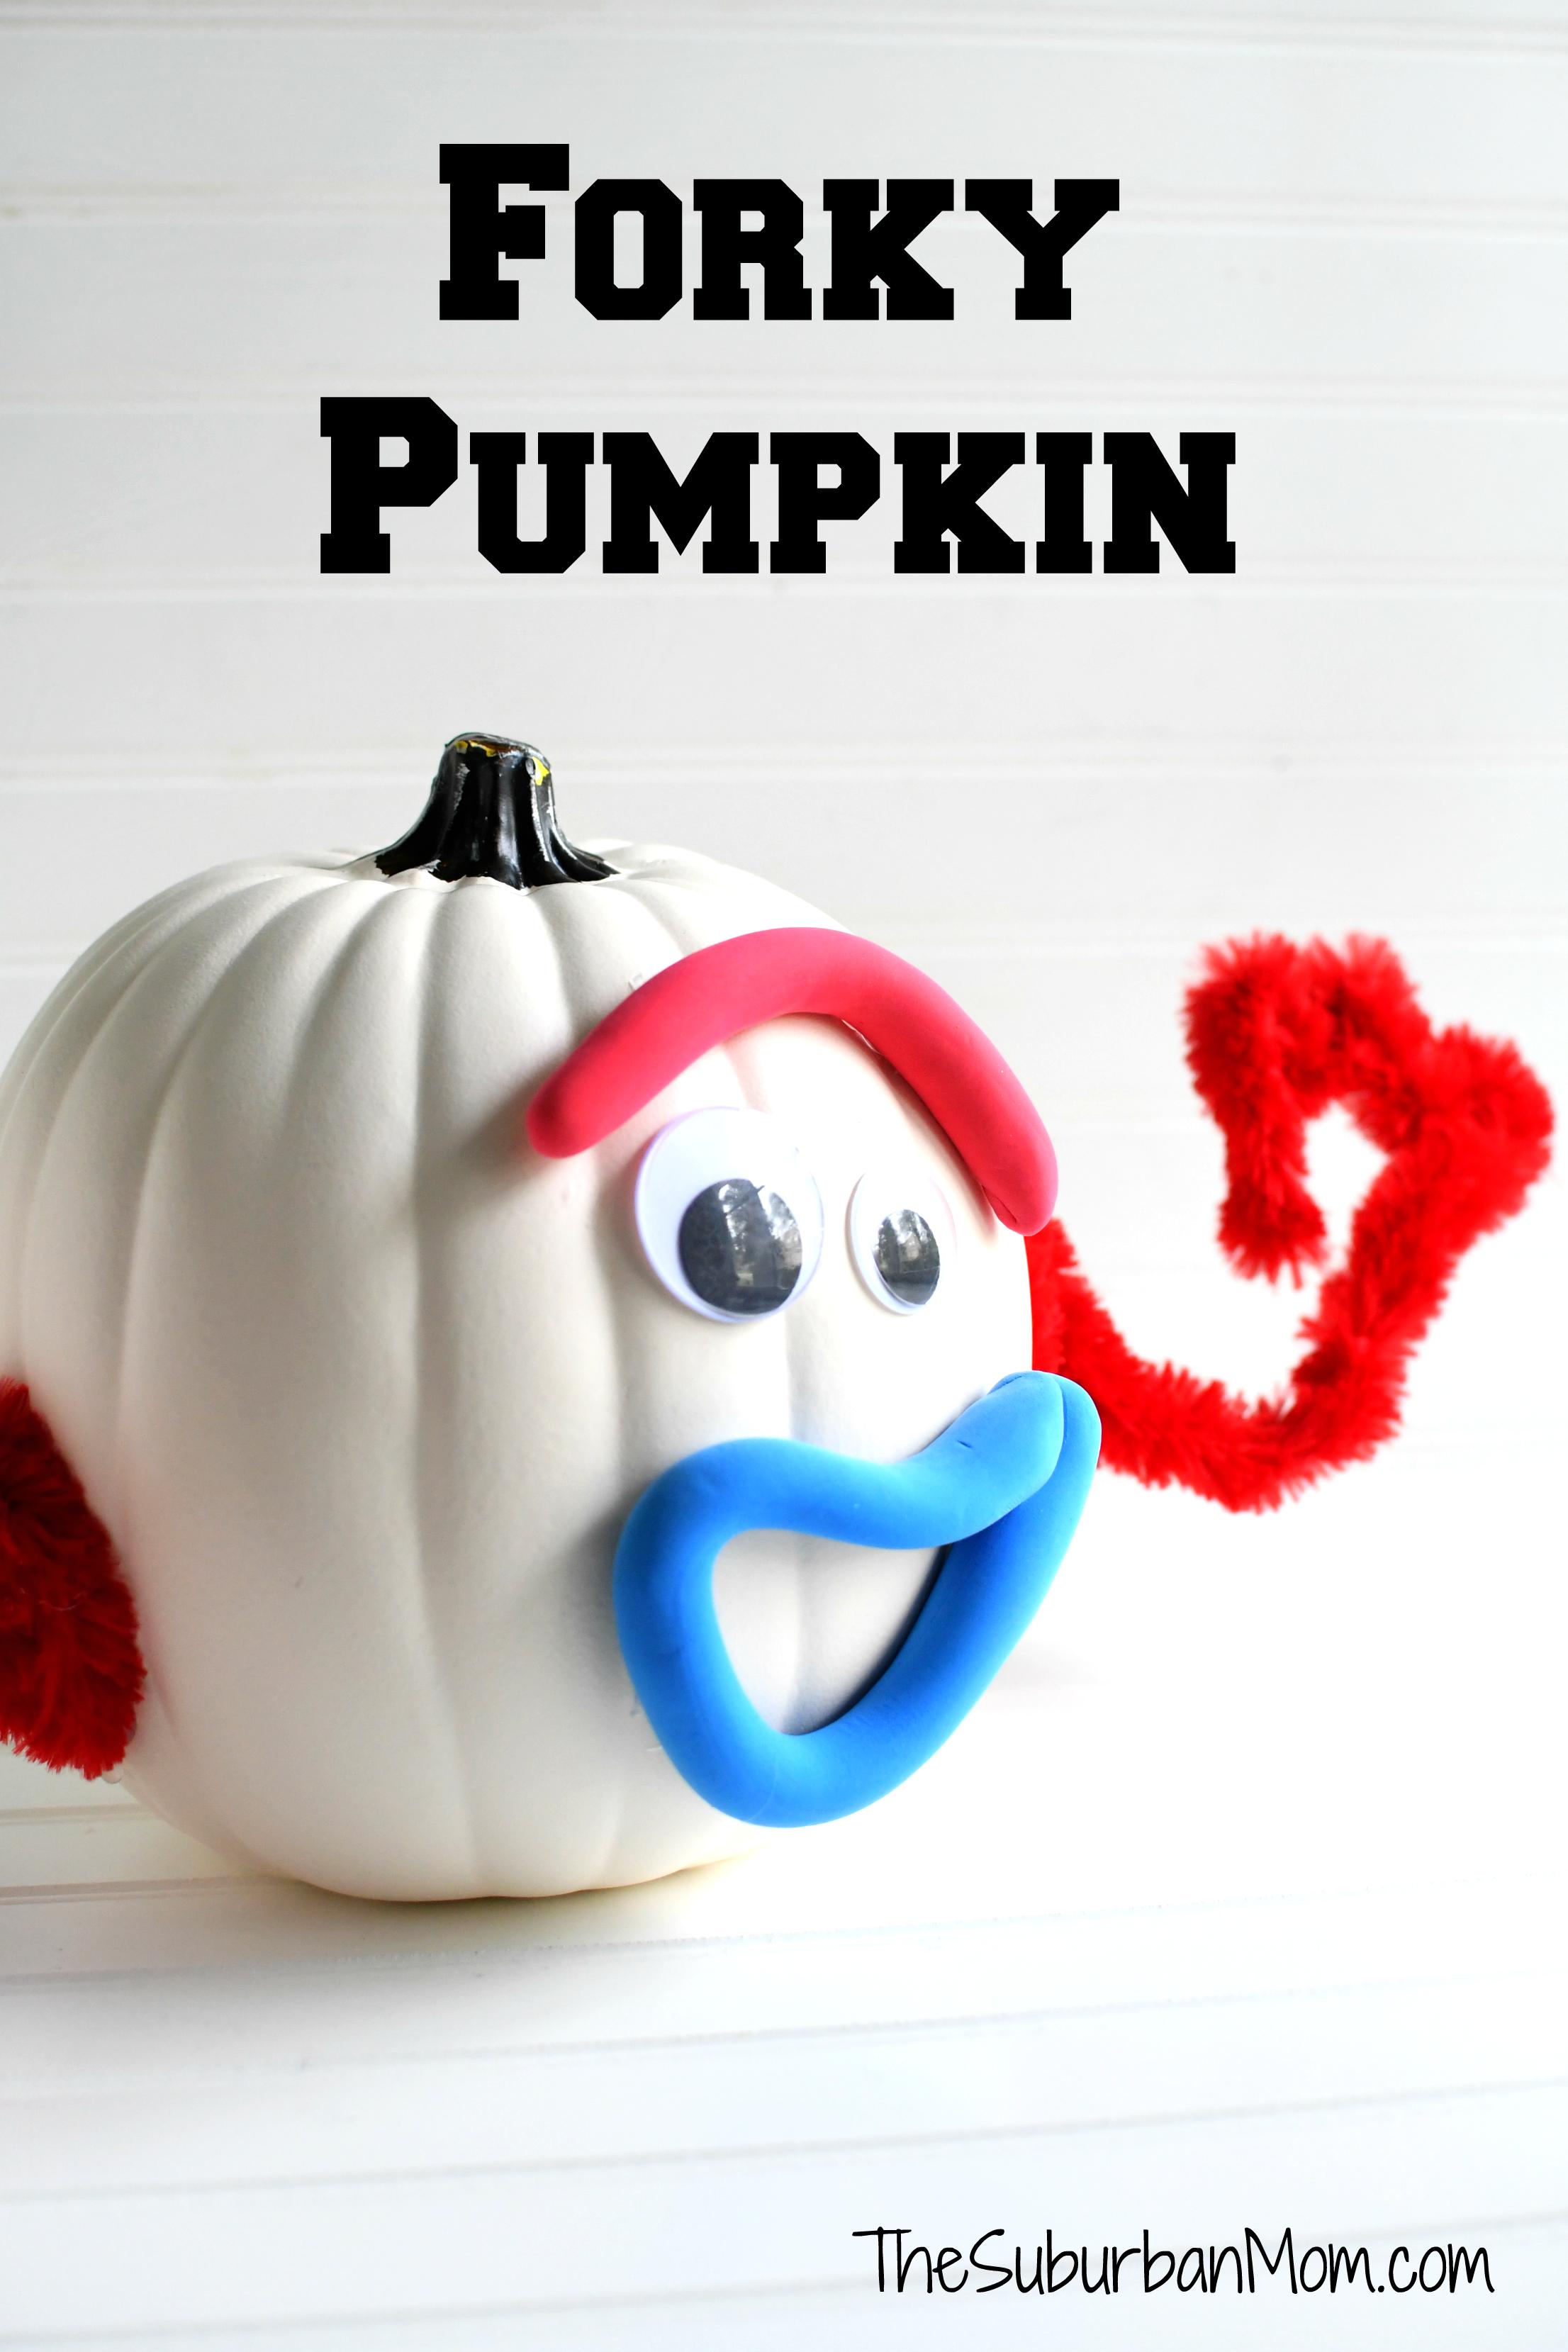 Forky Pumpkin